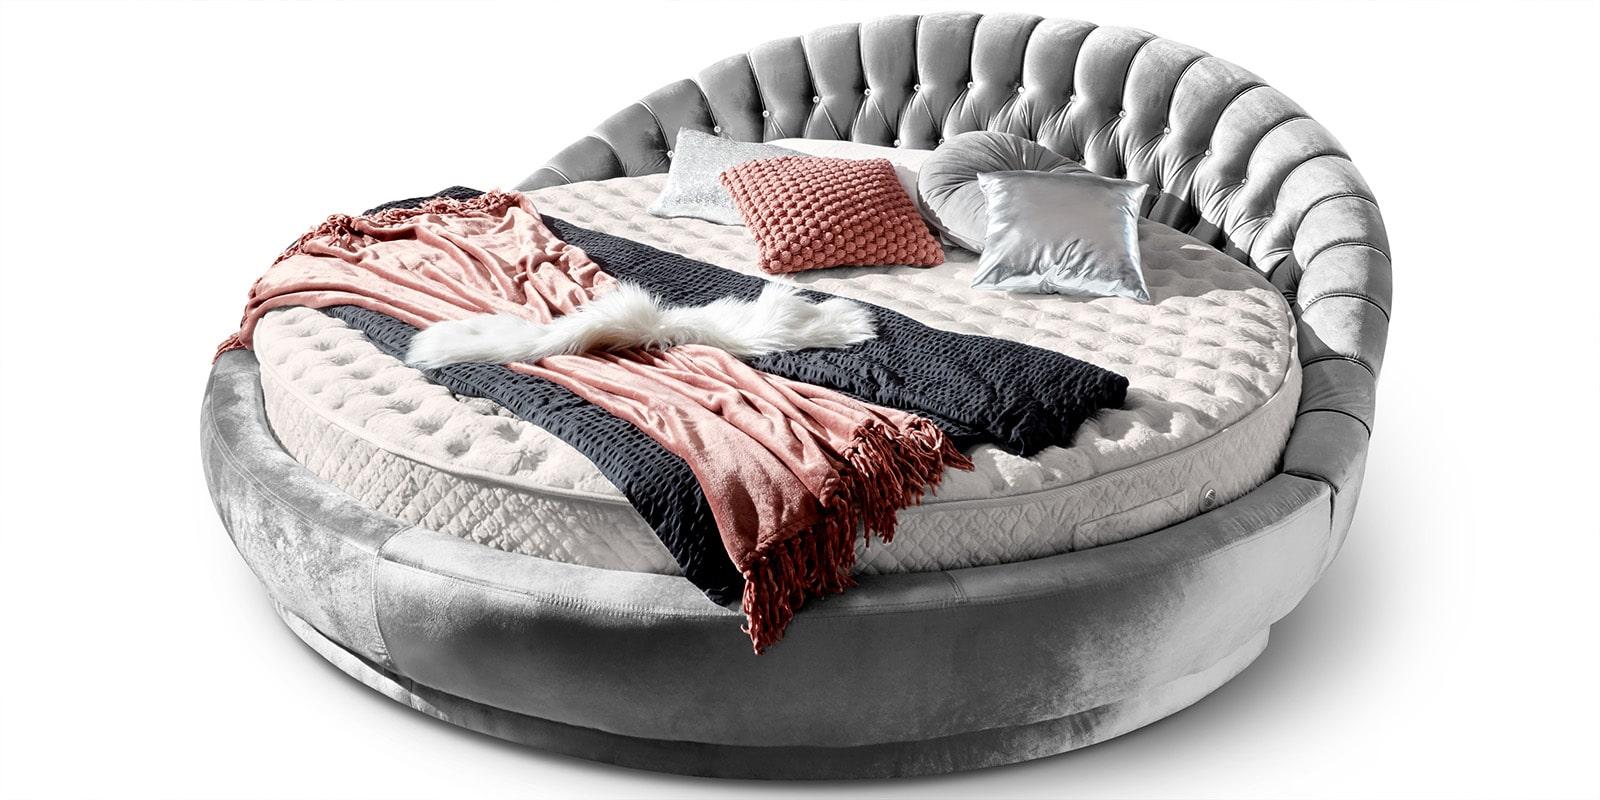 Full Size of Rundes Bett Italienisches Rundbett In Samt 220x220 Cm Rundmatratze Amerikanisches Selber Bauen 180x200 Betten Weiß 1 40x2 00 Massiv Mit Unterbett Topper Bett Rundes Bett